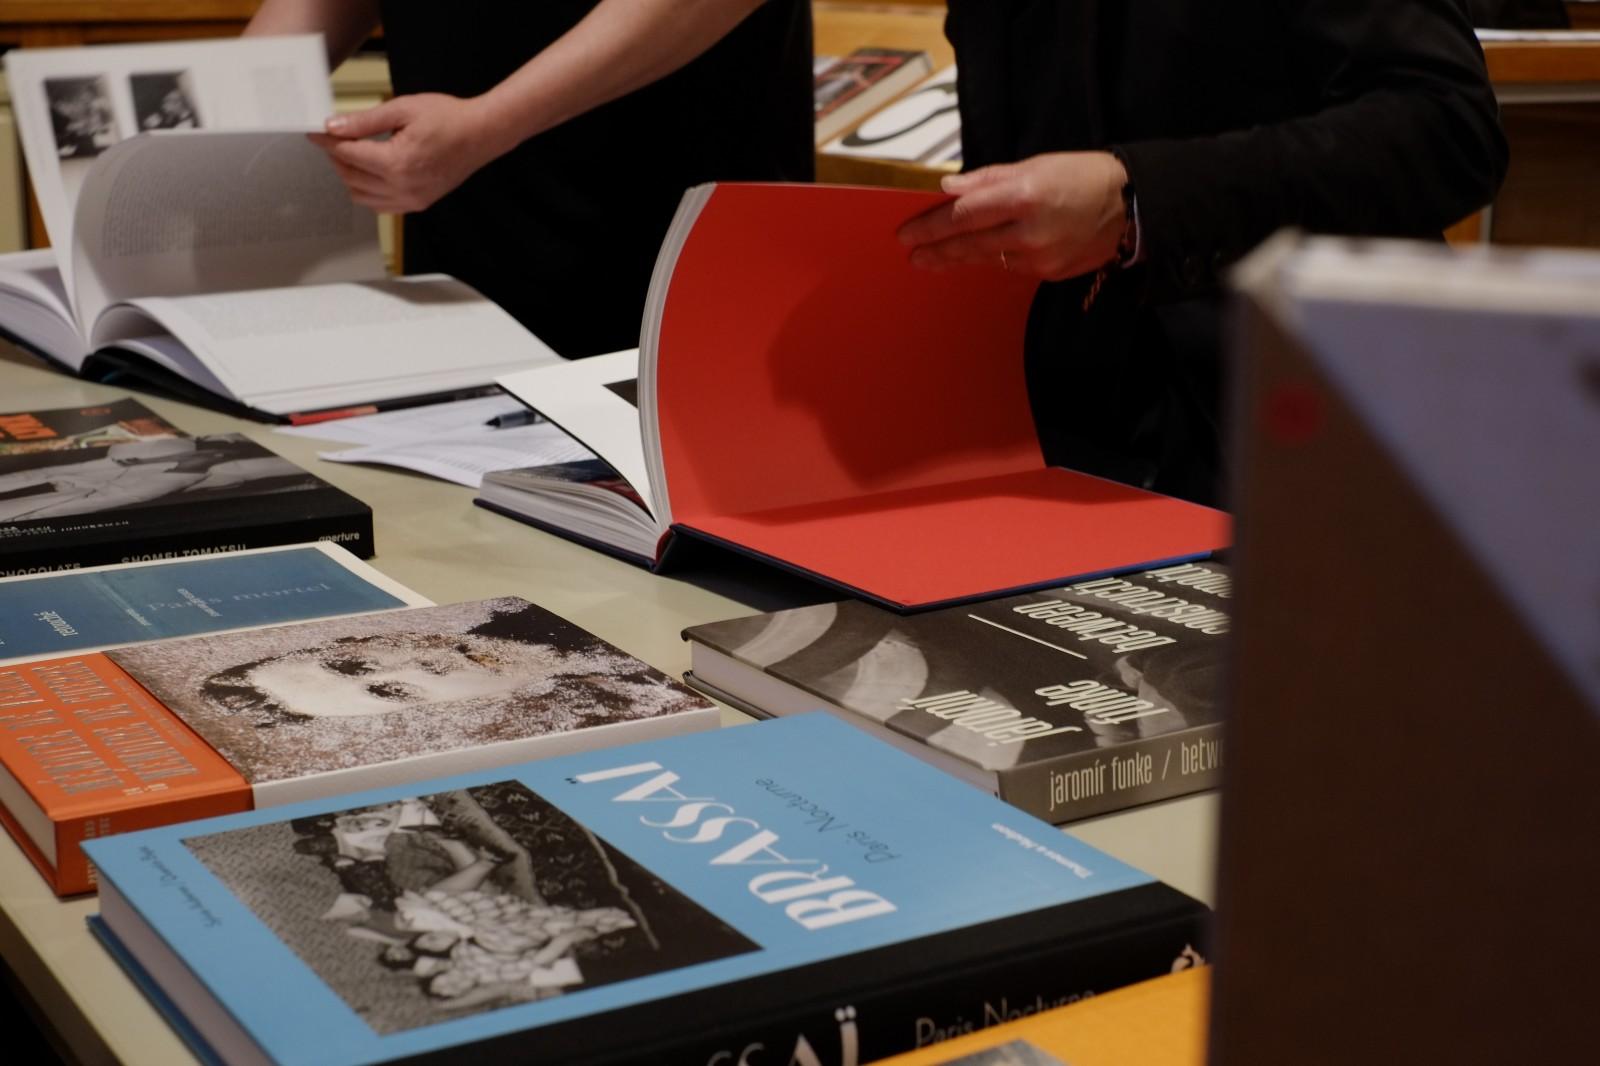 Rencontres d'arles prix du livre